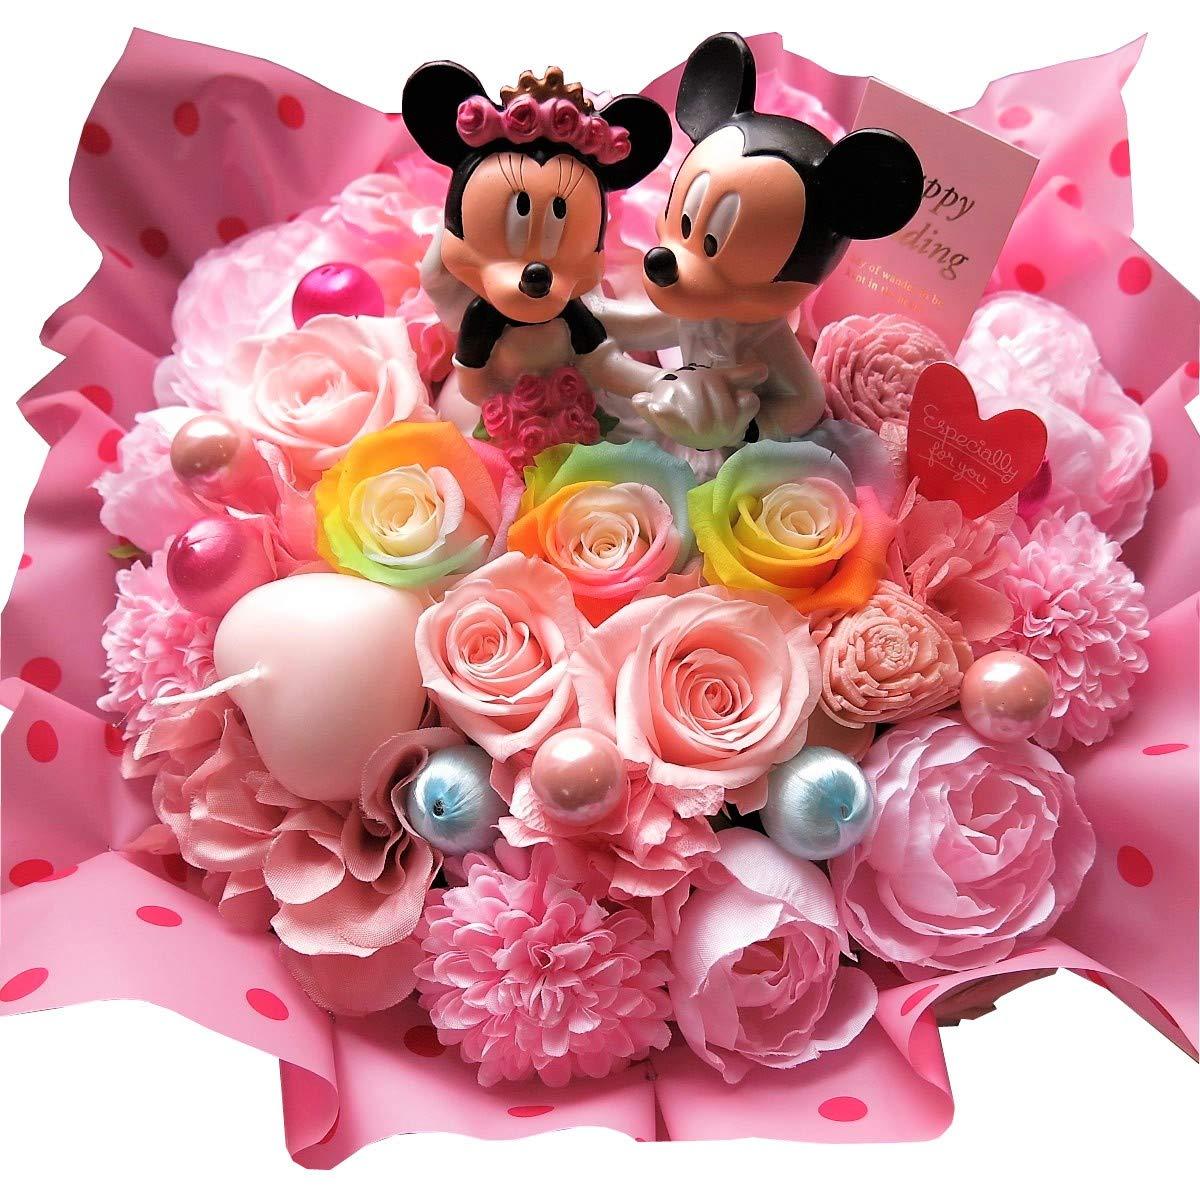 ディズニー 結婚祝い フラワーギフト ミッキー ミニー ウェディング フィギュア入り レインボーローズ プリザーブドフラワー 入り クリアーケース付き B078HJ3R48